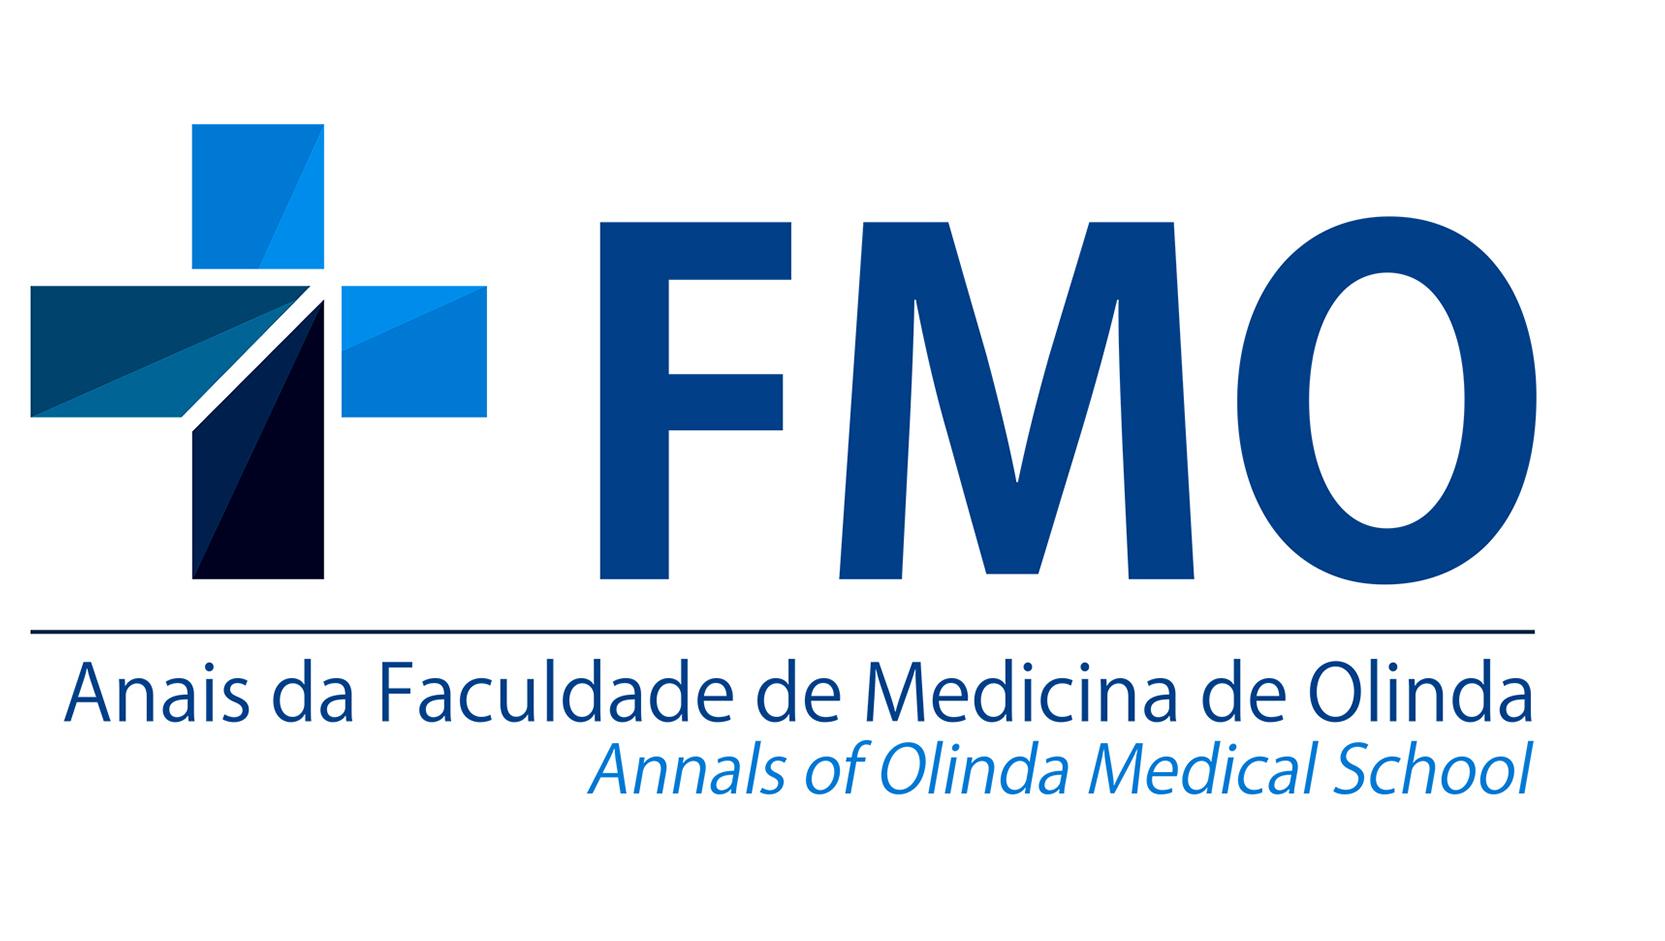 Anais da Faculdade de Medicina de Olinda